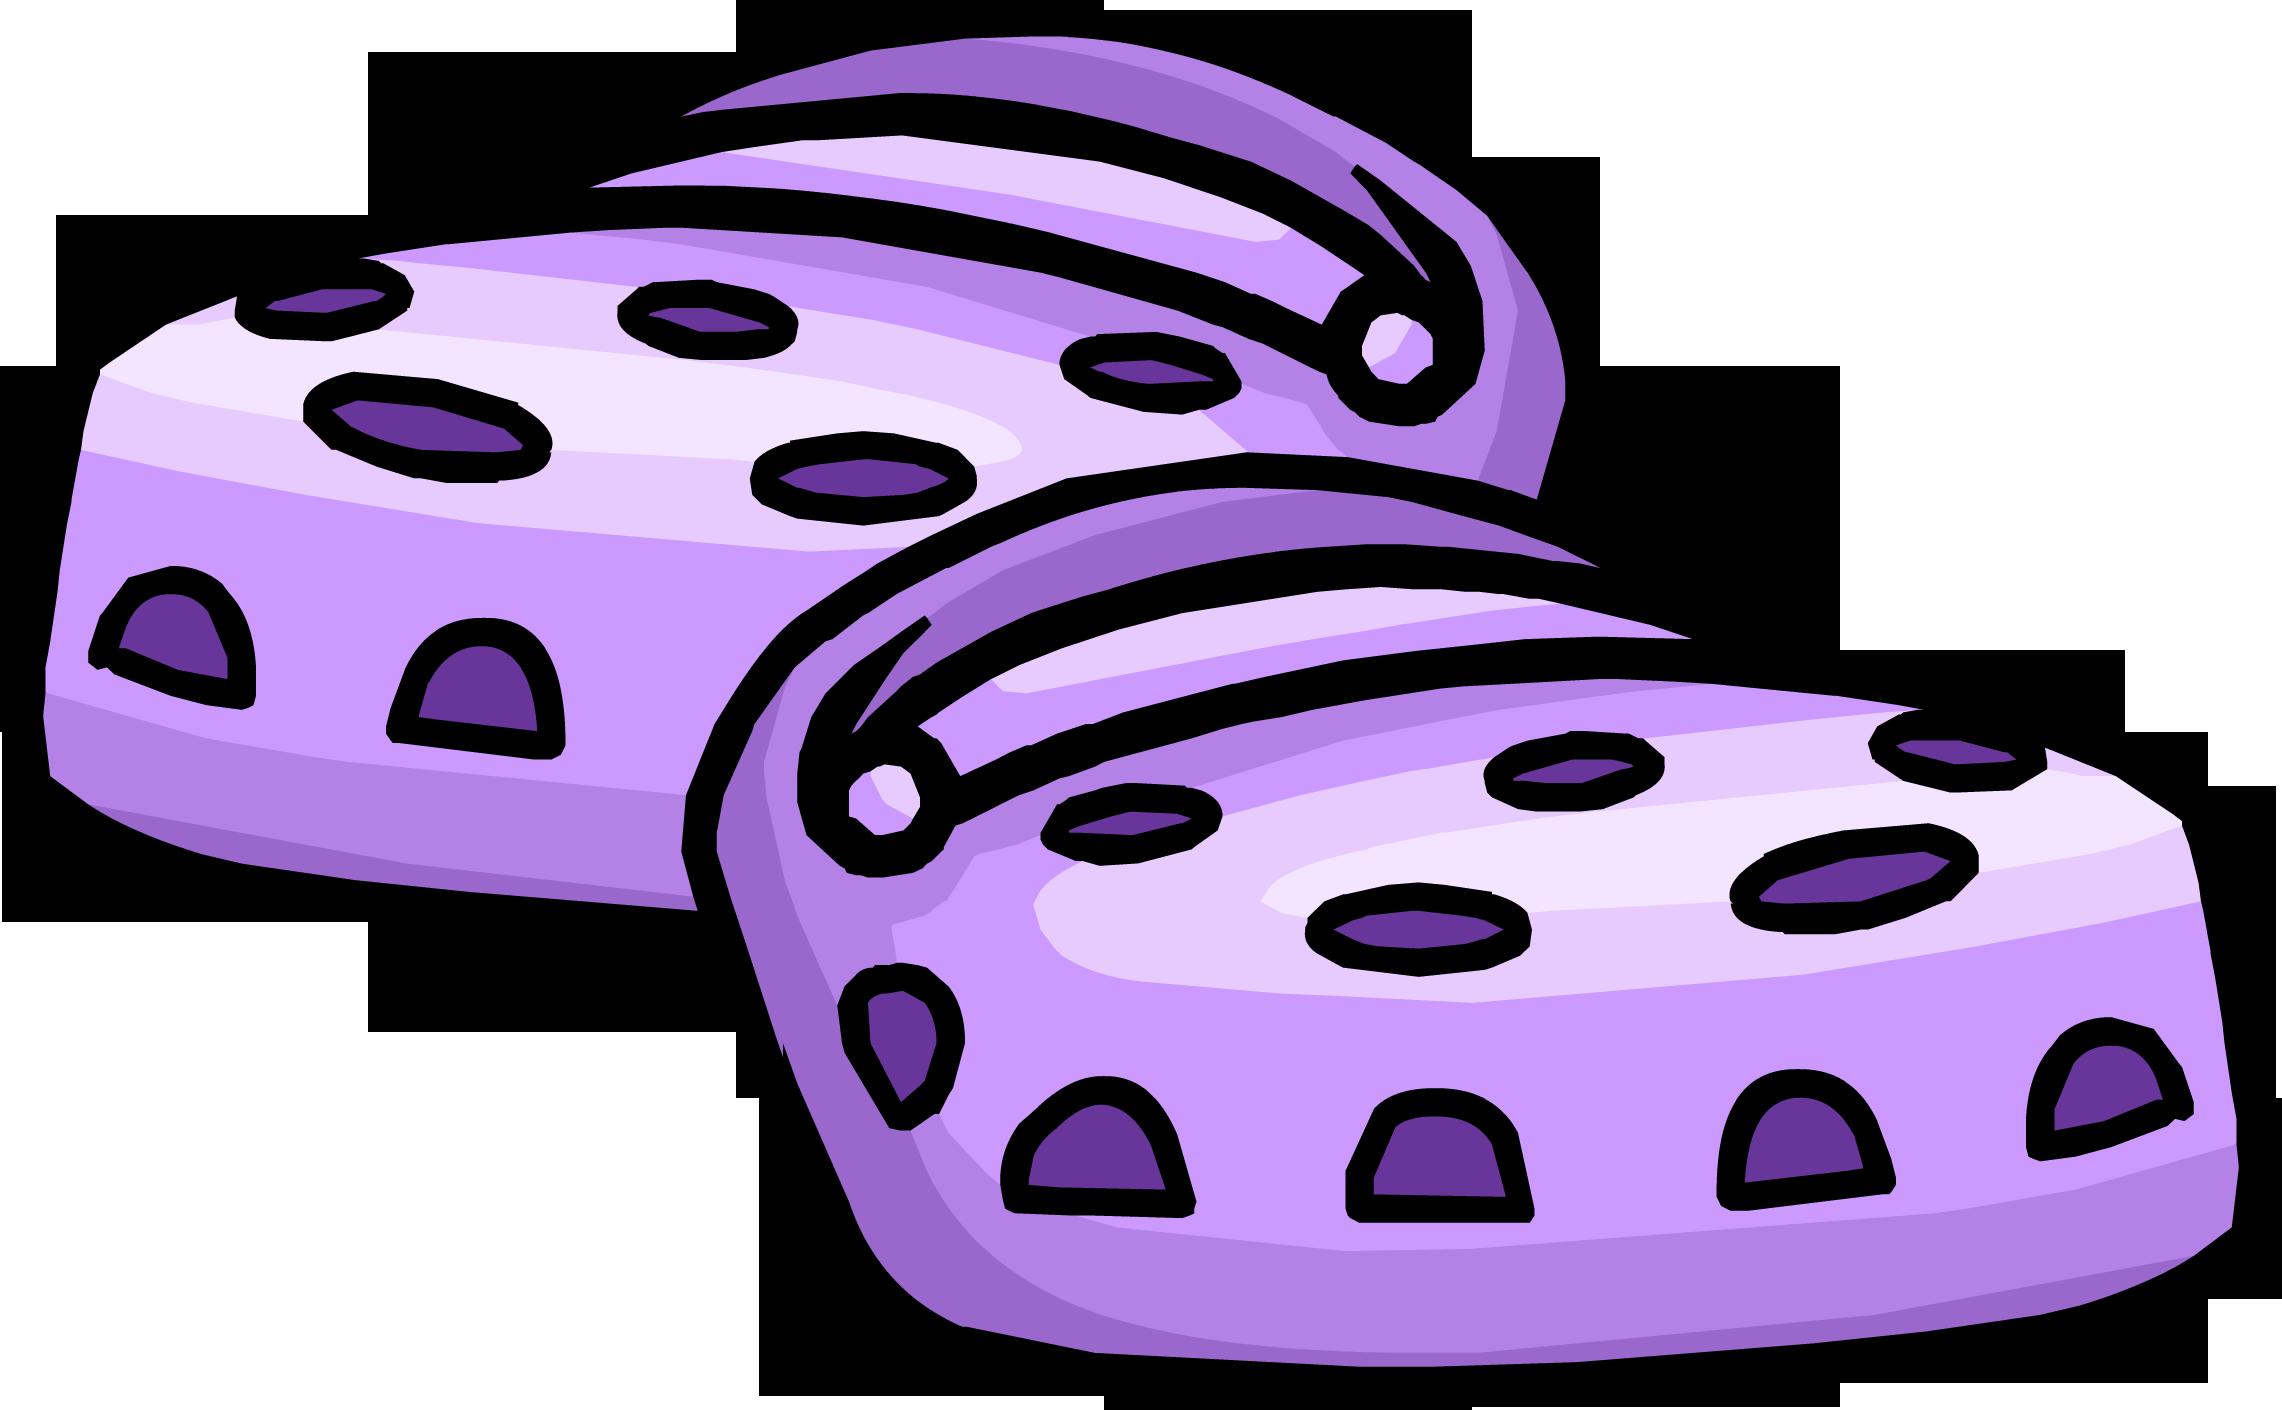 Crocs shoes images clipart.